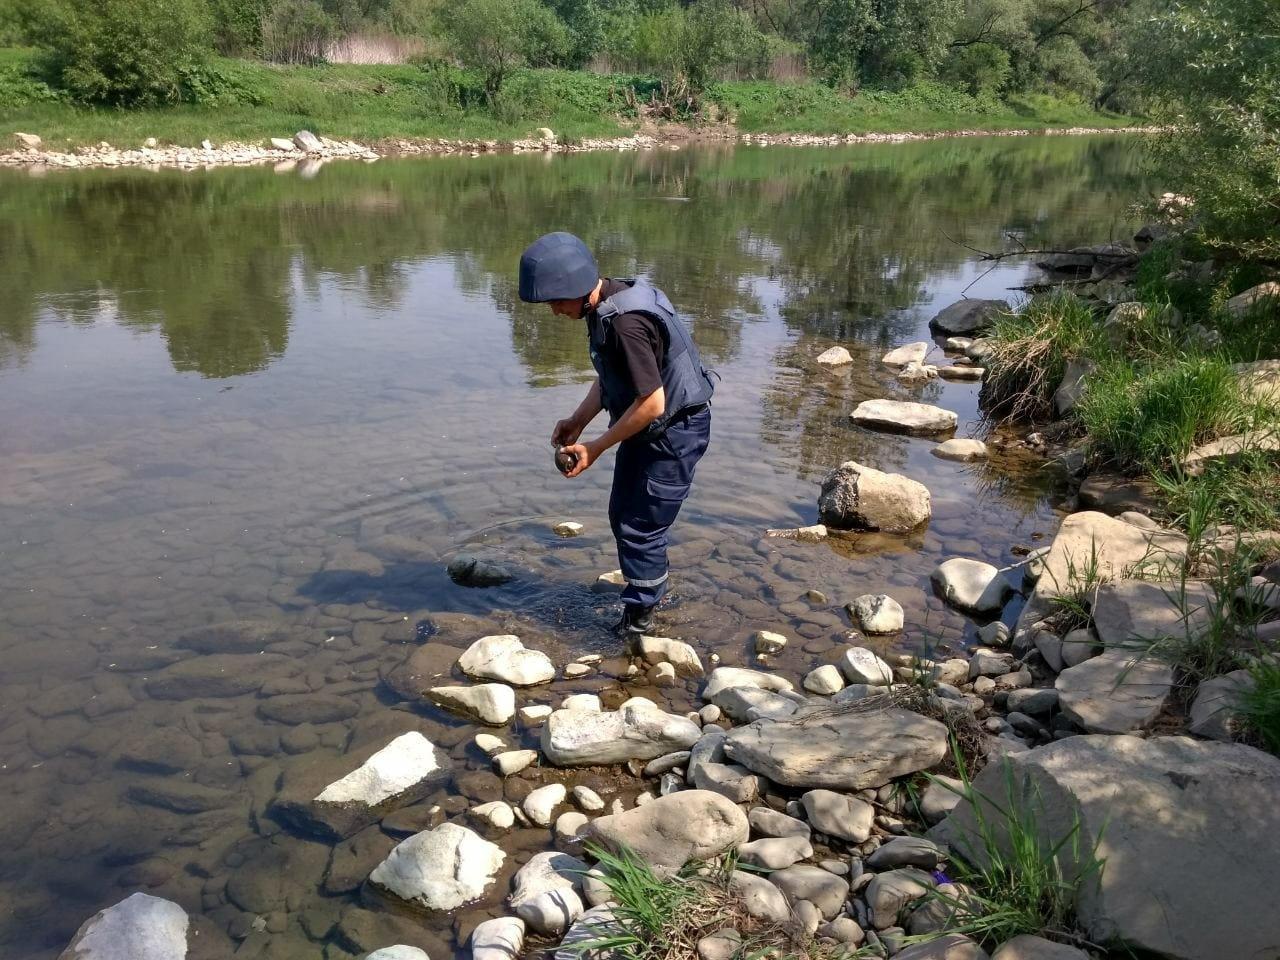 Піротехніки знищили застарілий боєприпас, виявлений напередодні на березі гірської річки